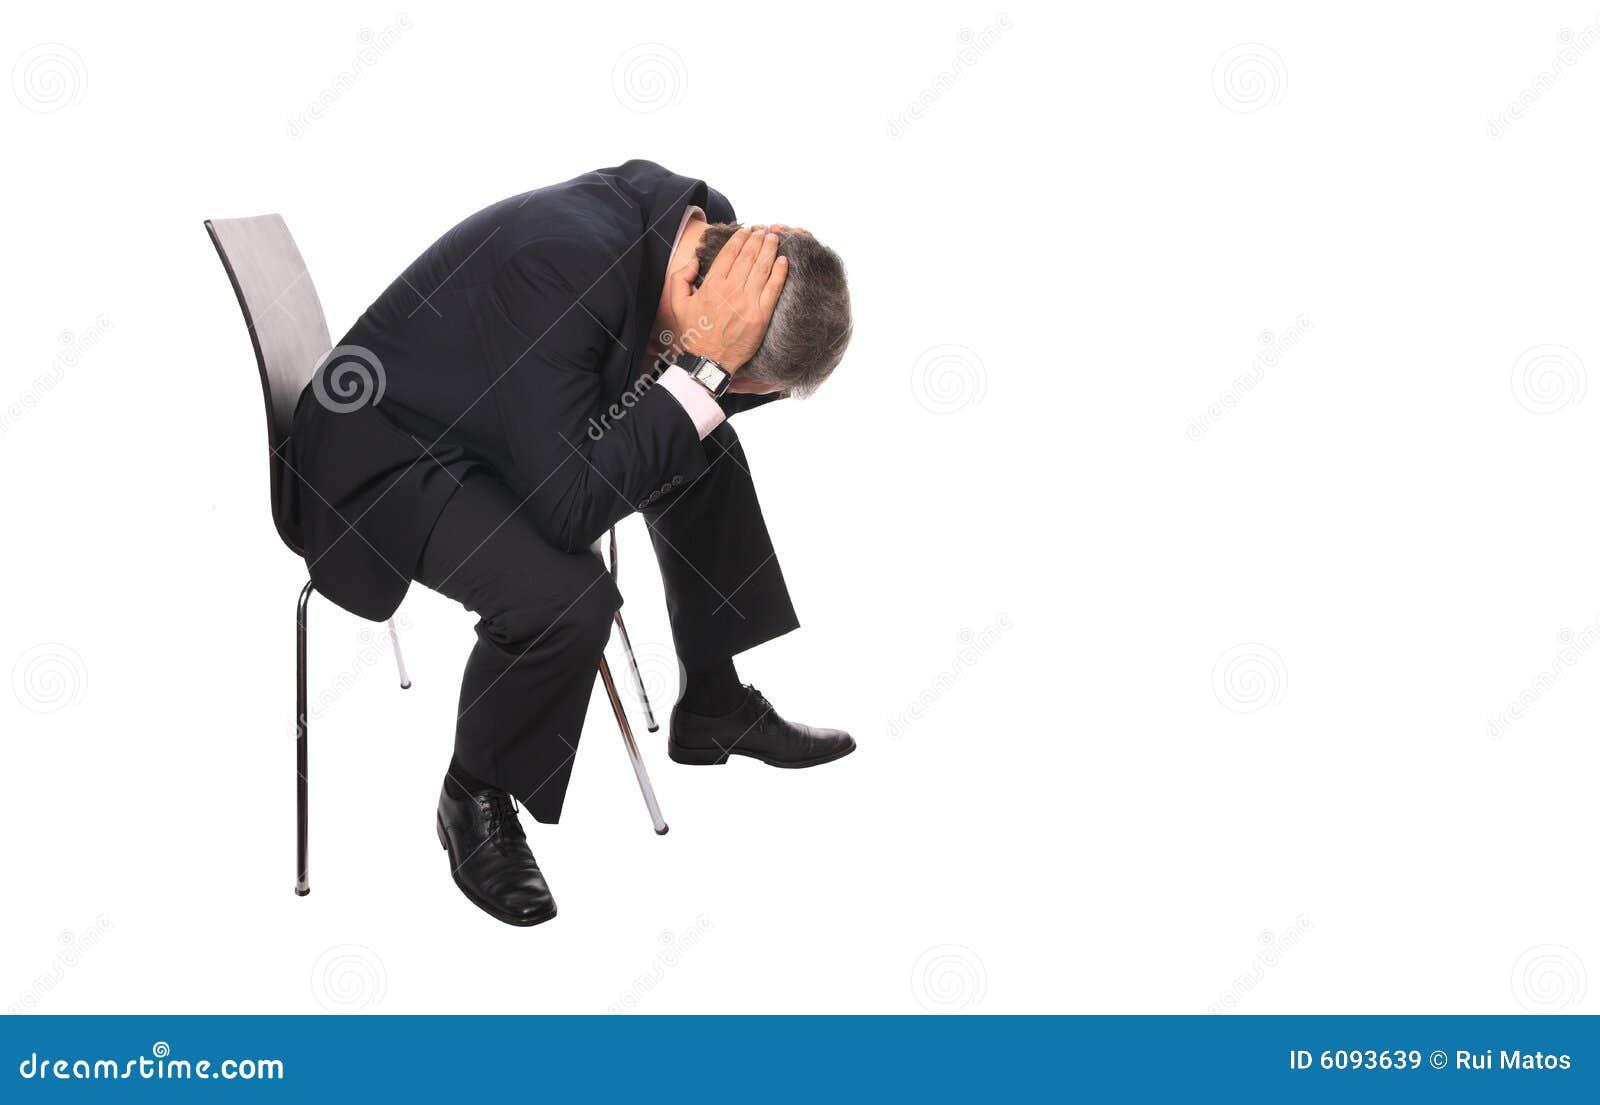 Devastated businessman